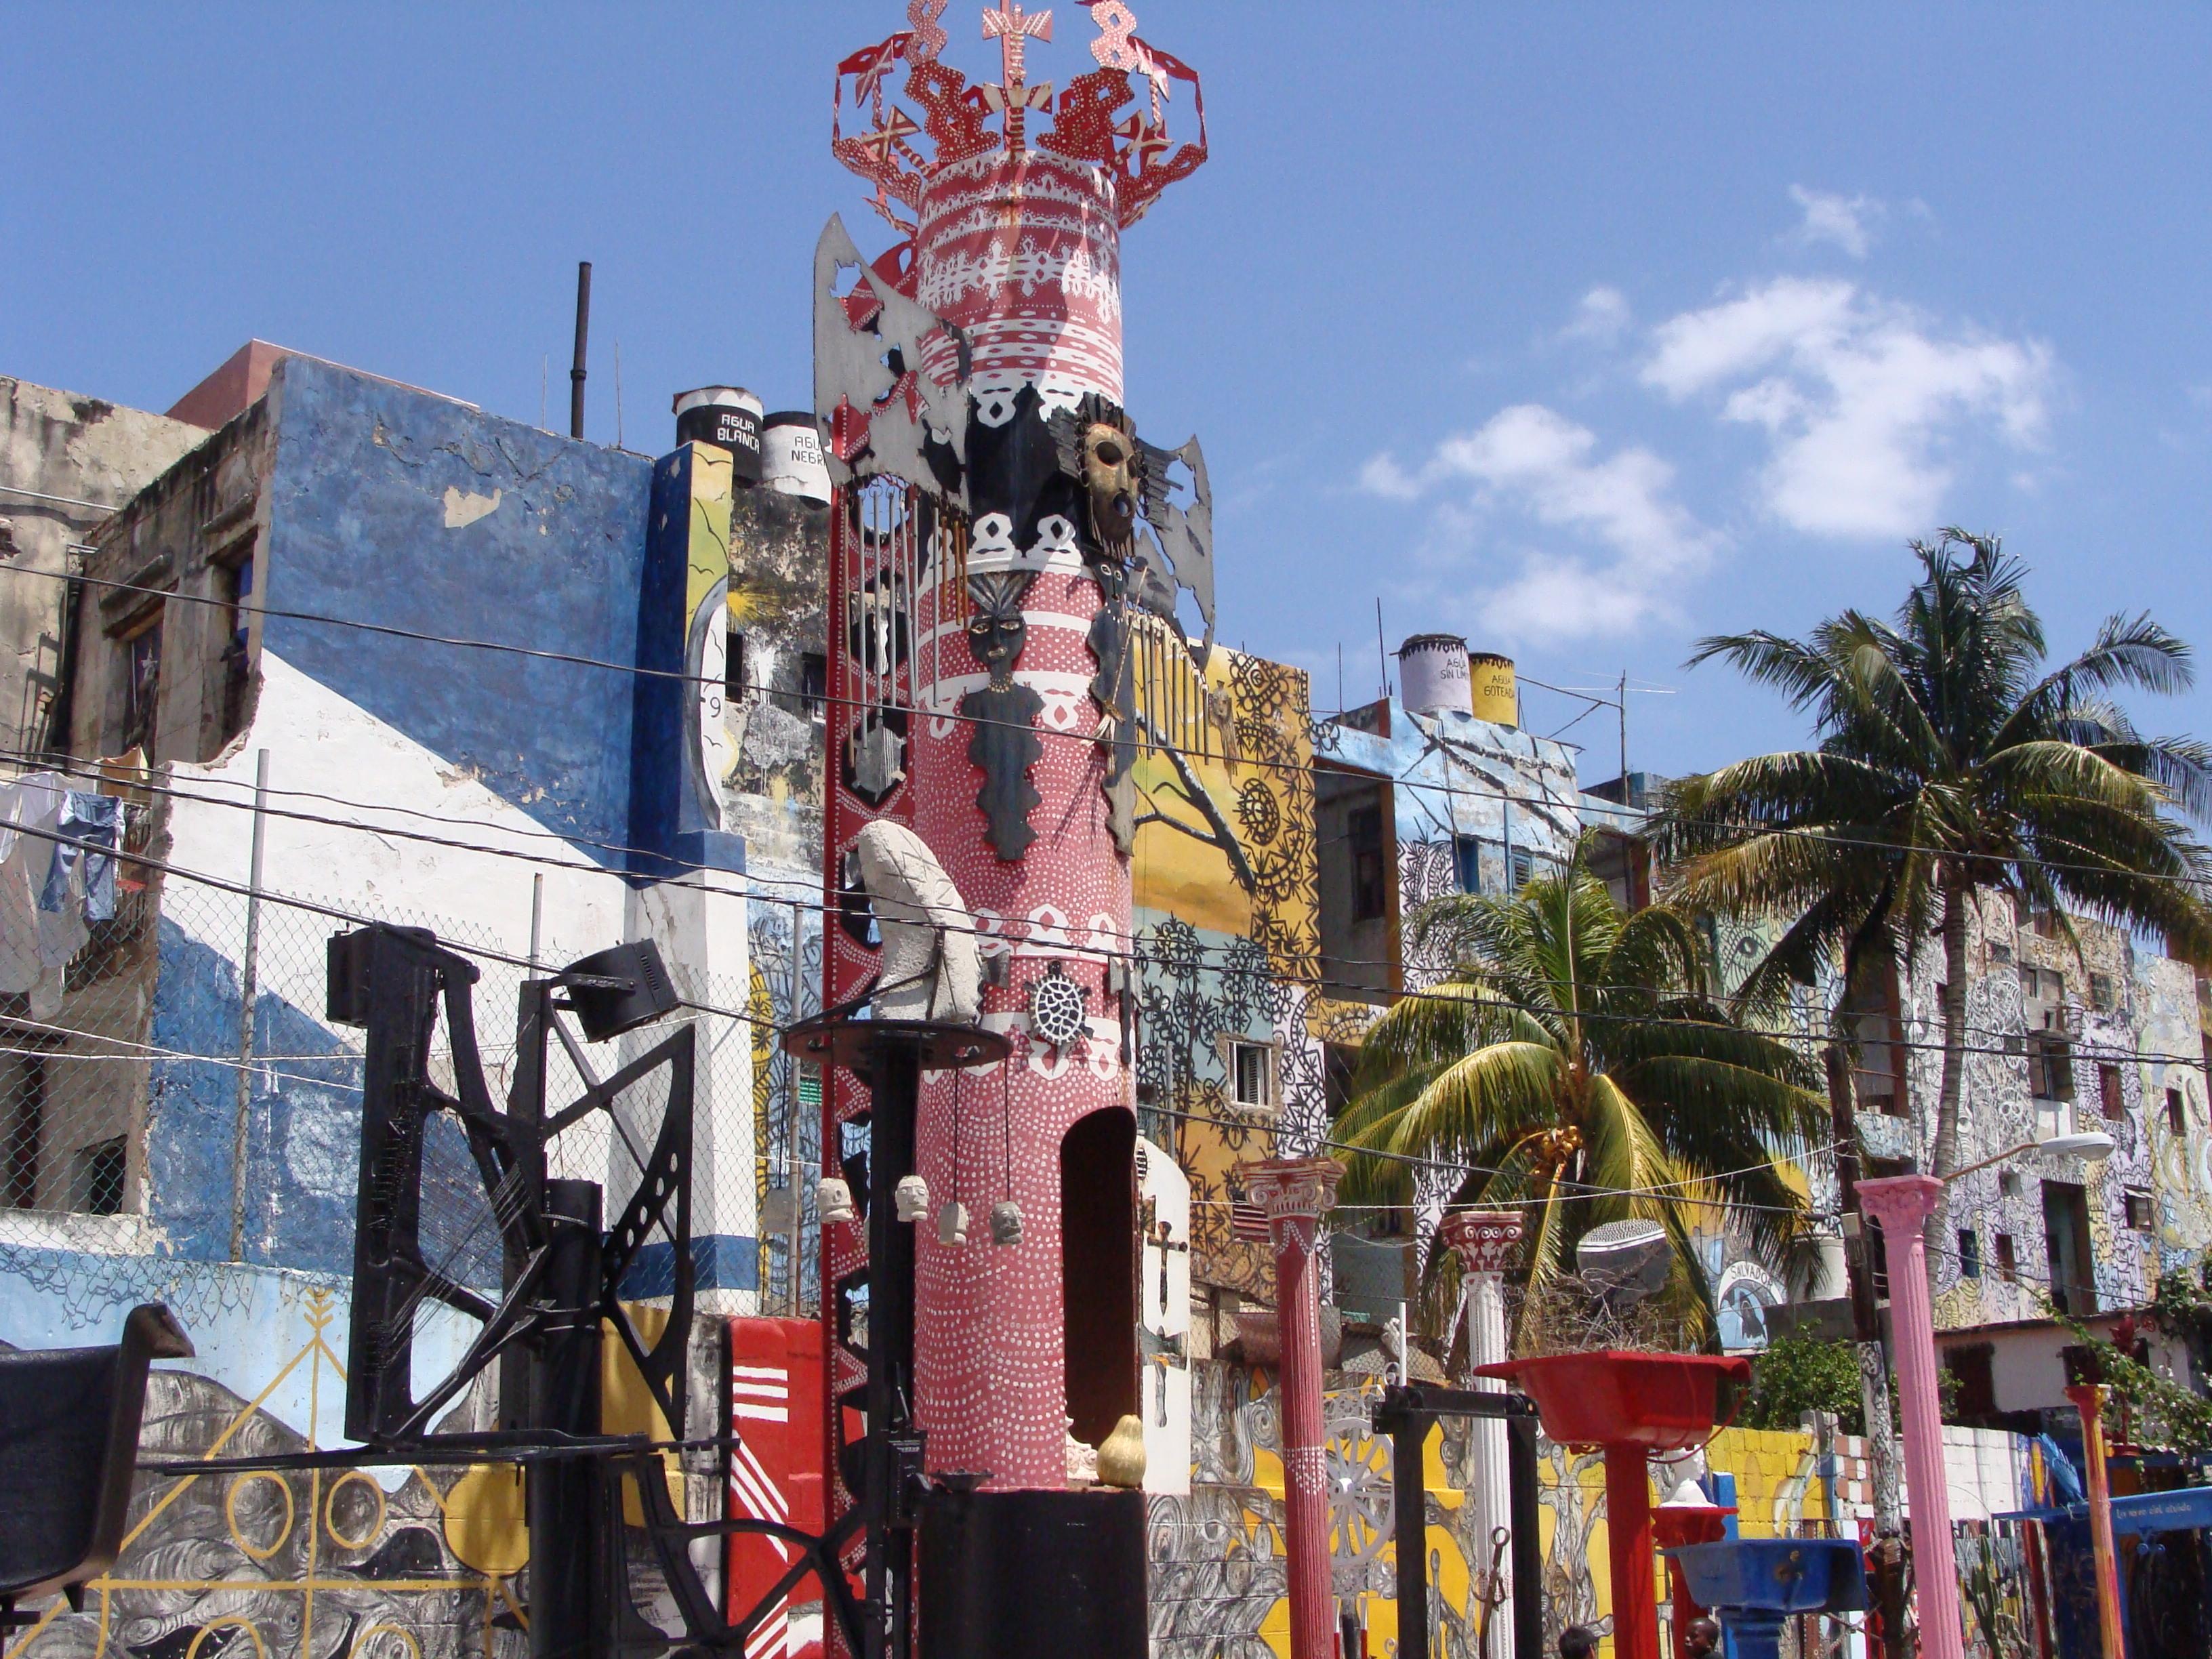 Callejon de Hamel - La Havane - Cuba